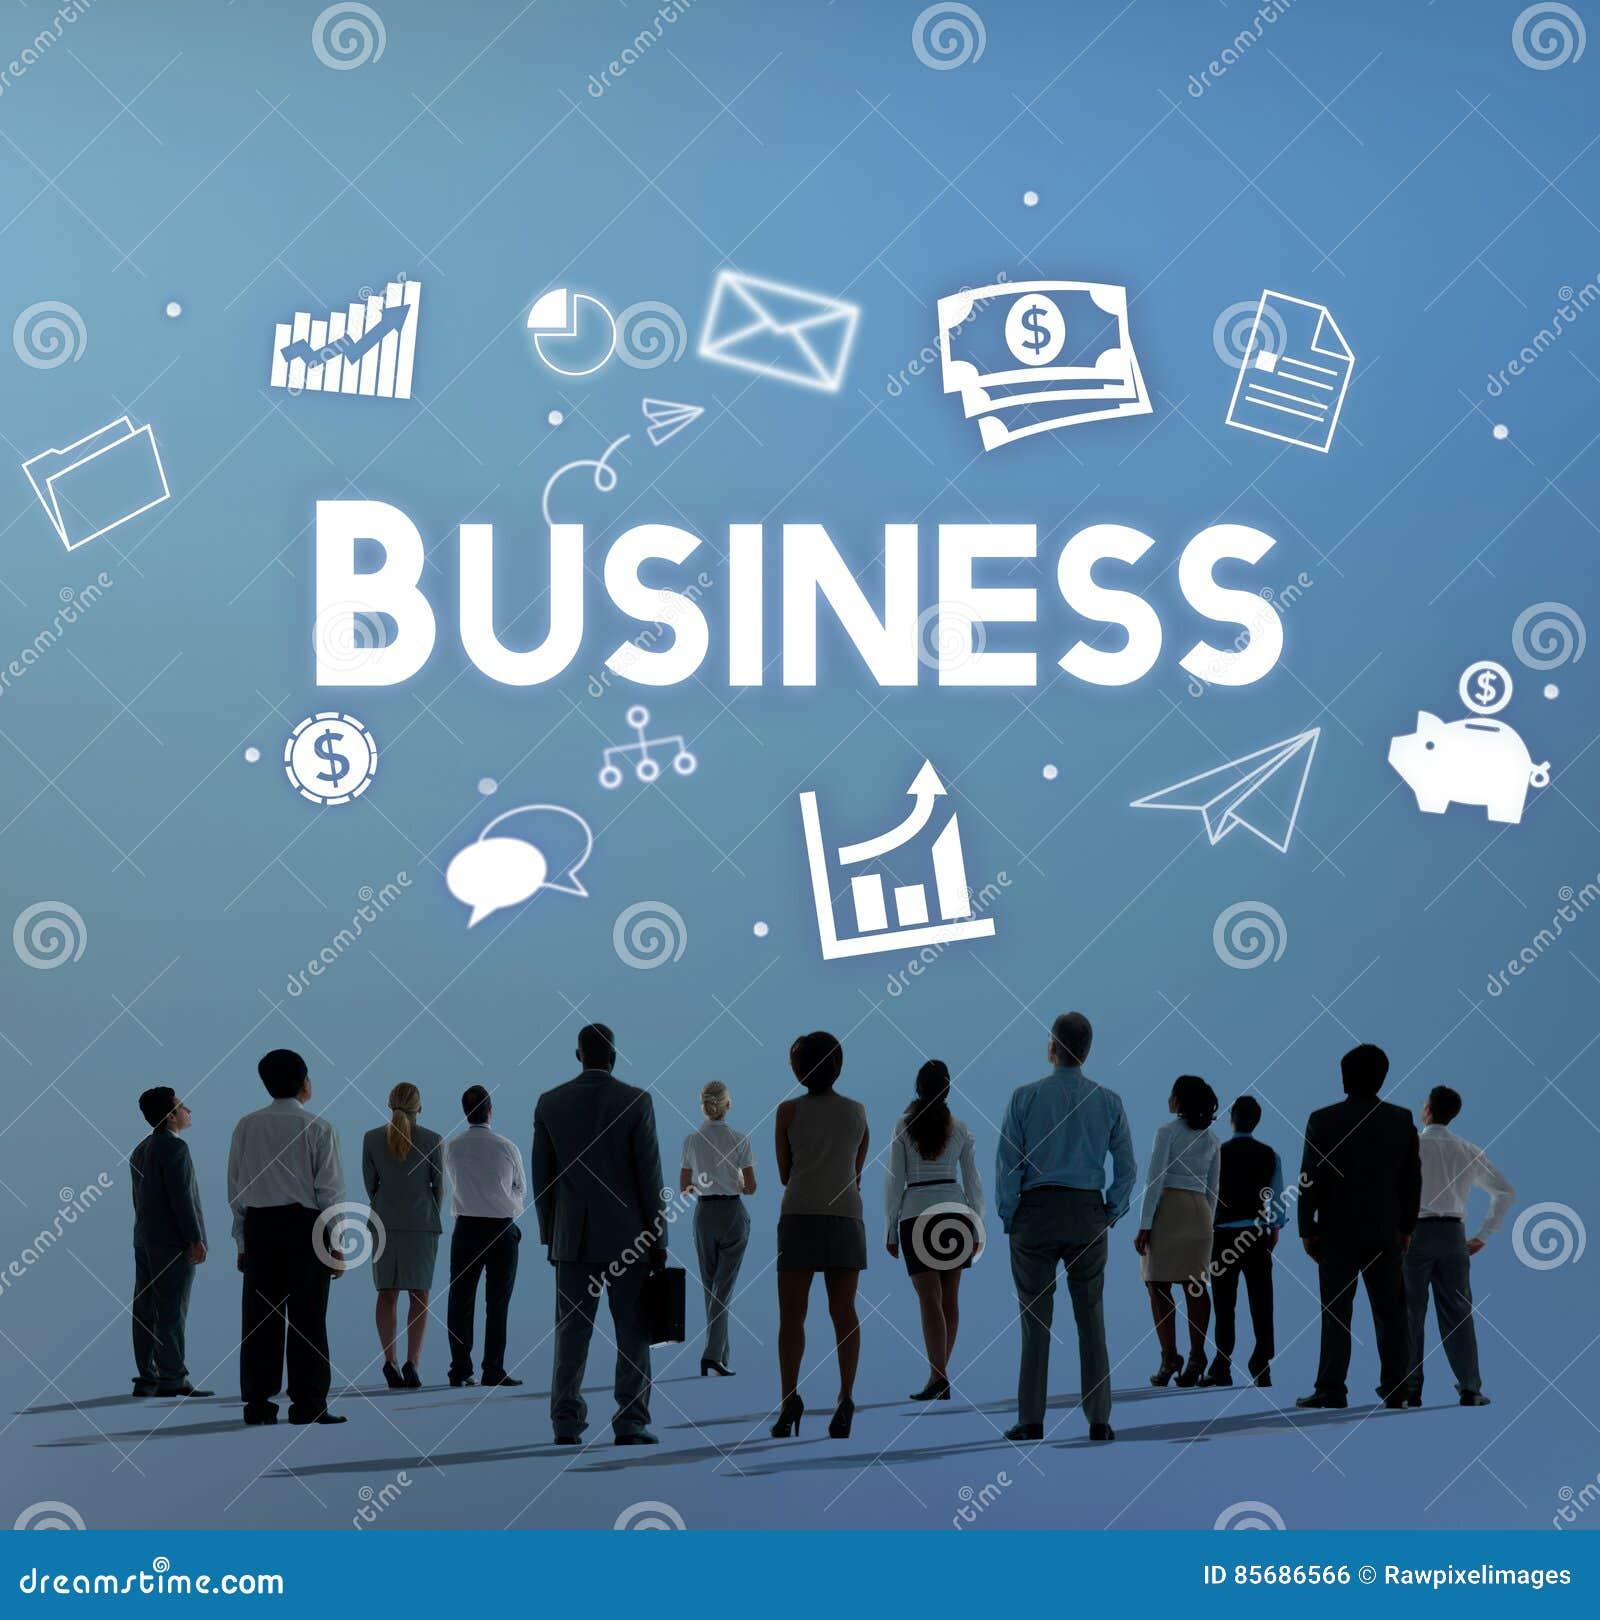 Έννοια οργάνωσης οράματος στρατηγικής επιχειρησιακής επιχείρησης